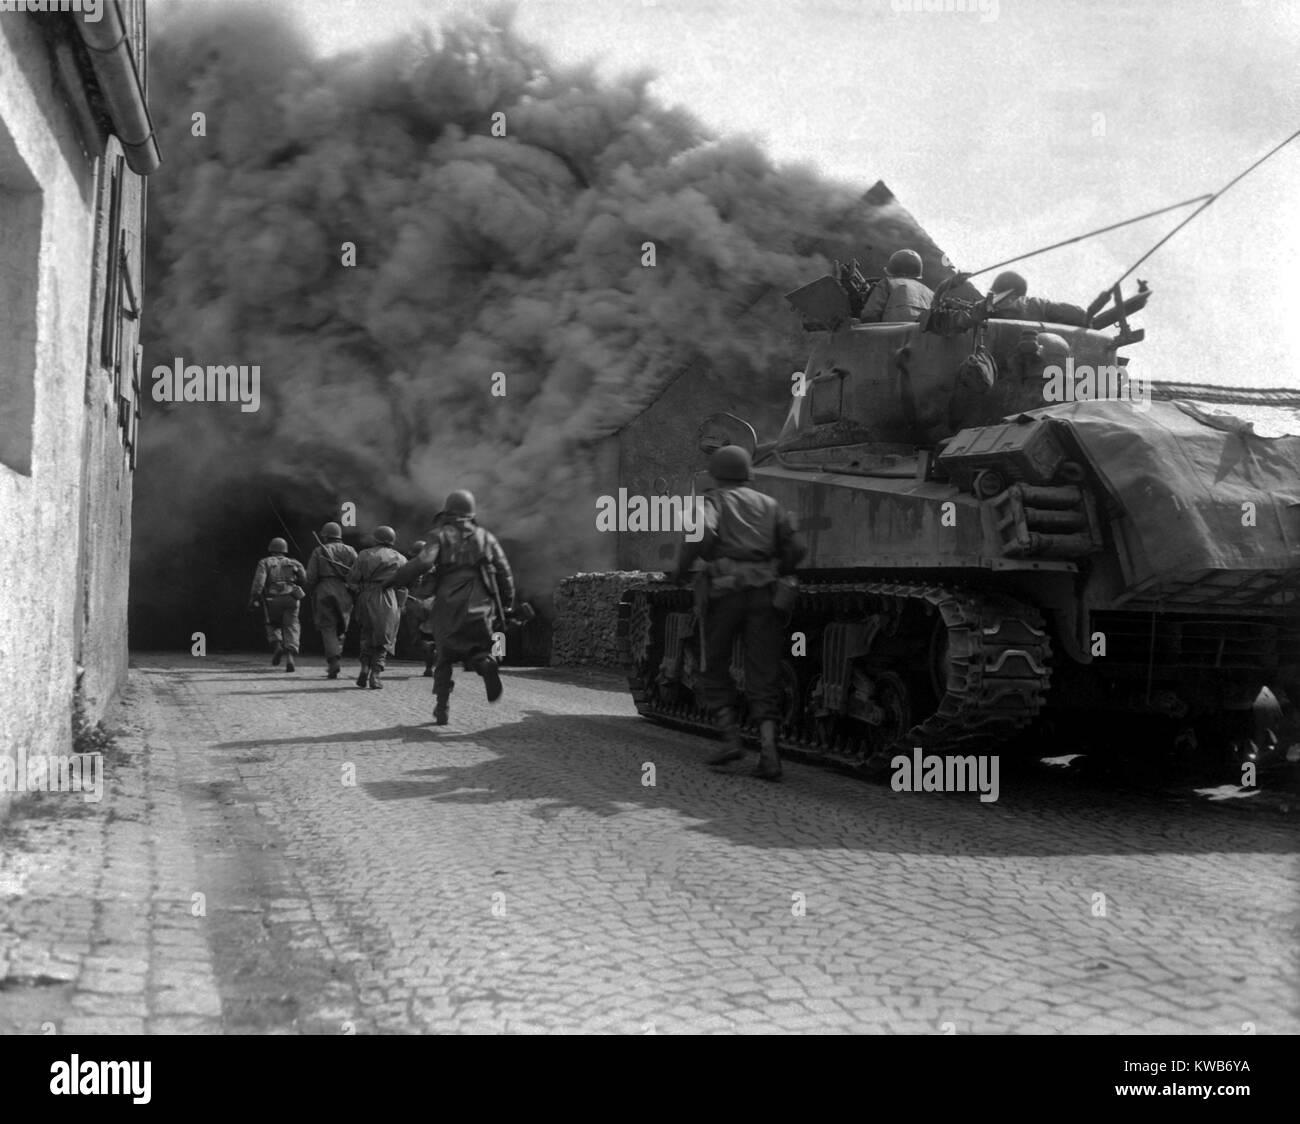 Les fantassins américains dans les rues enfumées de Wernberg, Allemagne. 55e Bataillon d'infanterie blindée et le Banque D'Images